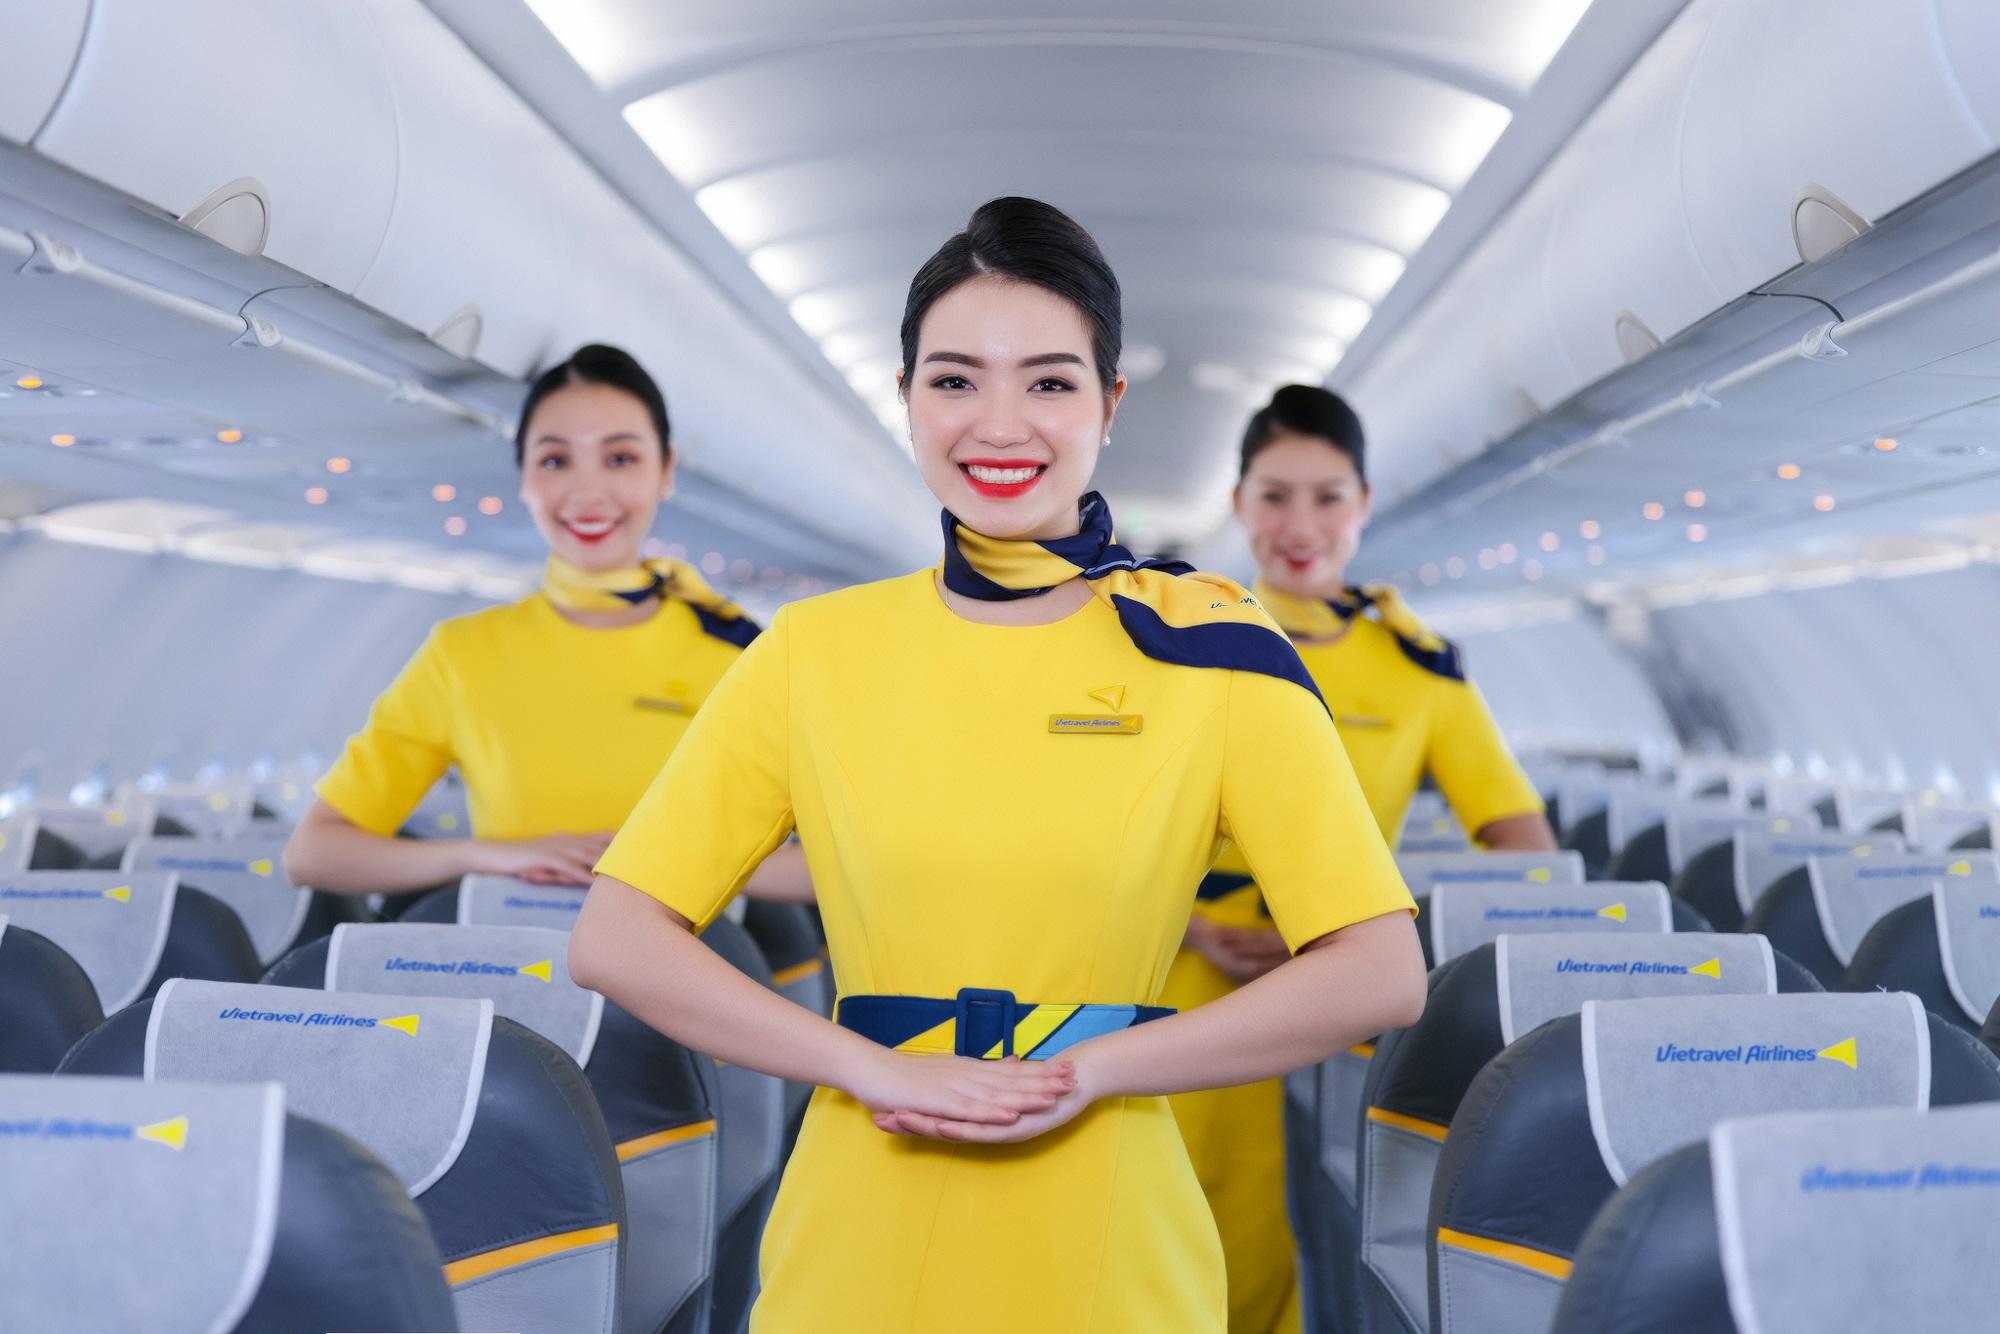 Là hãng hàng không lữ hành đầu tiên của Việt Nam, nên sự khác biệt của Vietravel Airlines sẽ được hiện thực hoá trên các chuyến bay bằng dịch vụ, mỗi tiếp viên sẽ trở thành một hướng dẫn viên du lịch để giúp hành khách có những trải nghiệm thú vị trên mỗi chuyến bay.